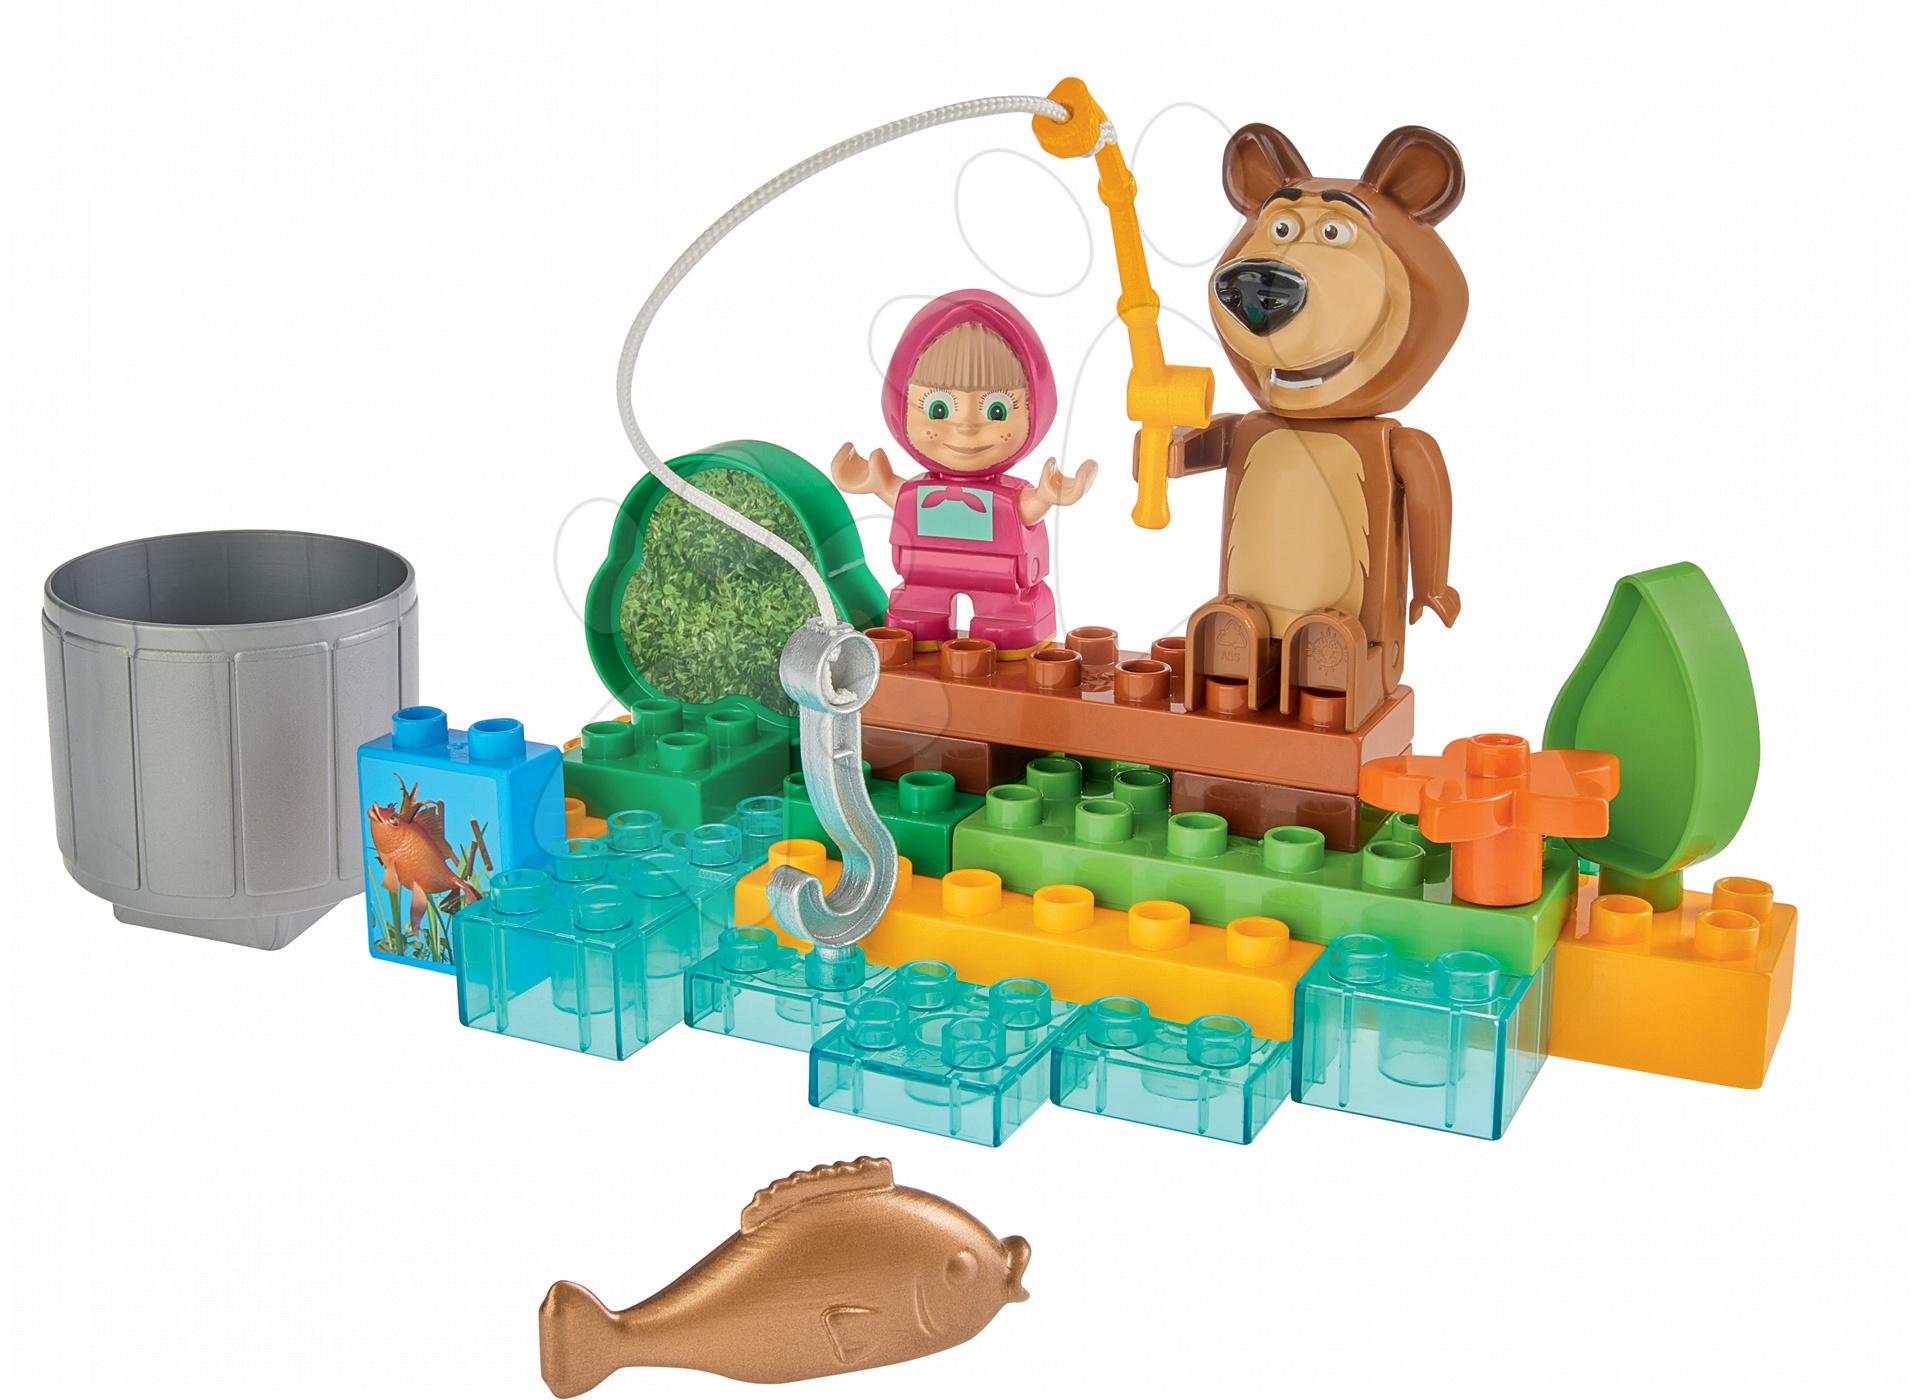 Stavebnice BIG-Bloxx ako lego - Stavebnica Máša a medveď idú na rybačku PlayBIG Bloxx BIG s 2 figúrkami 30 dielov od 1,5-5 rokov